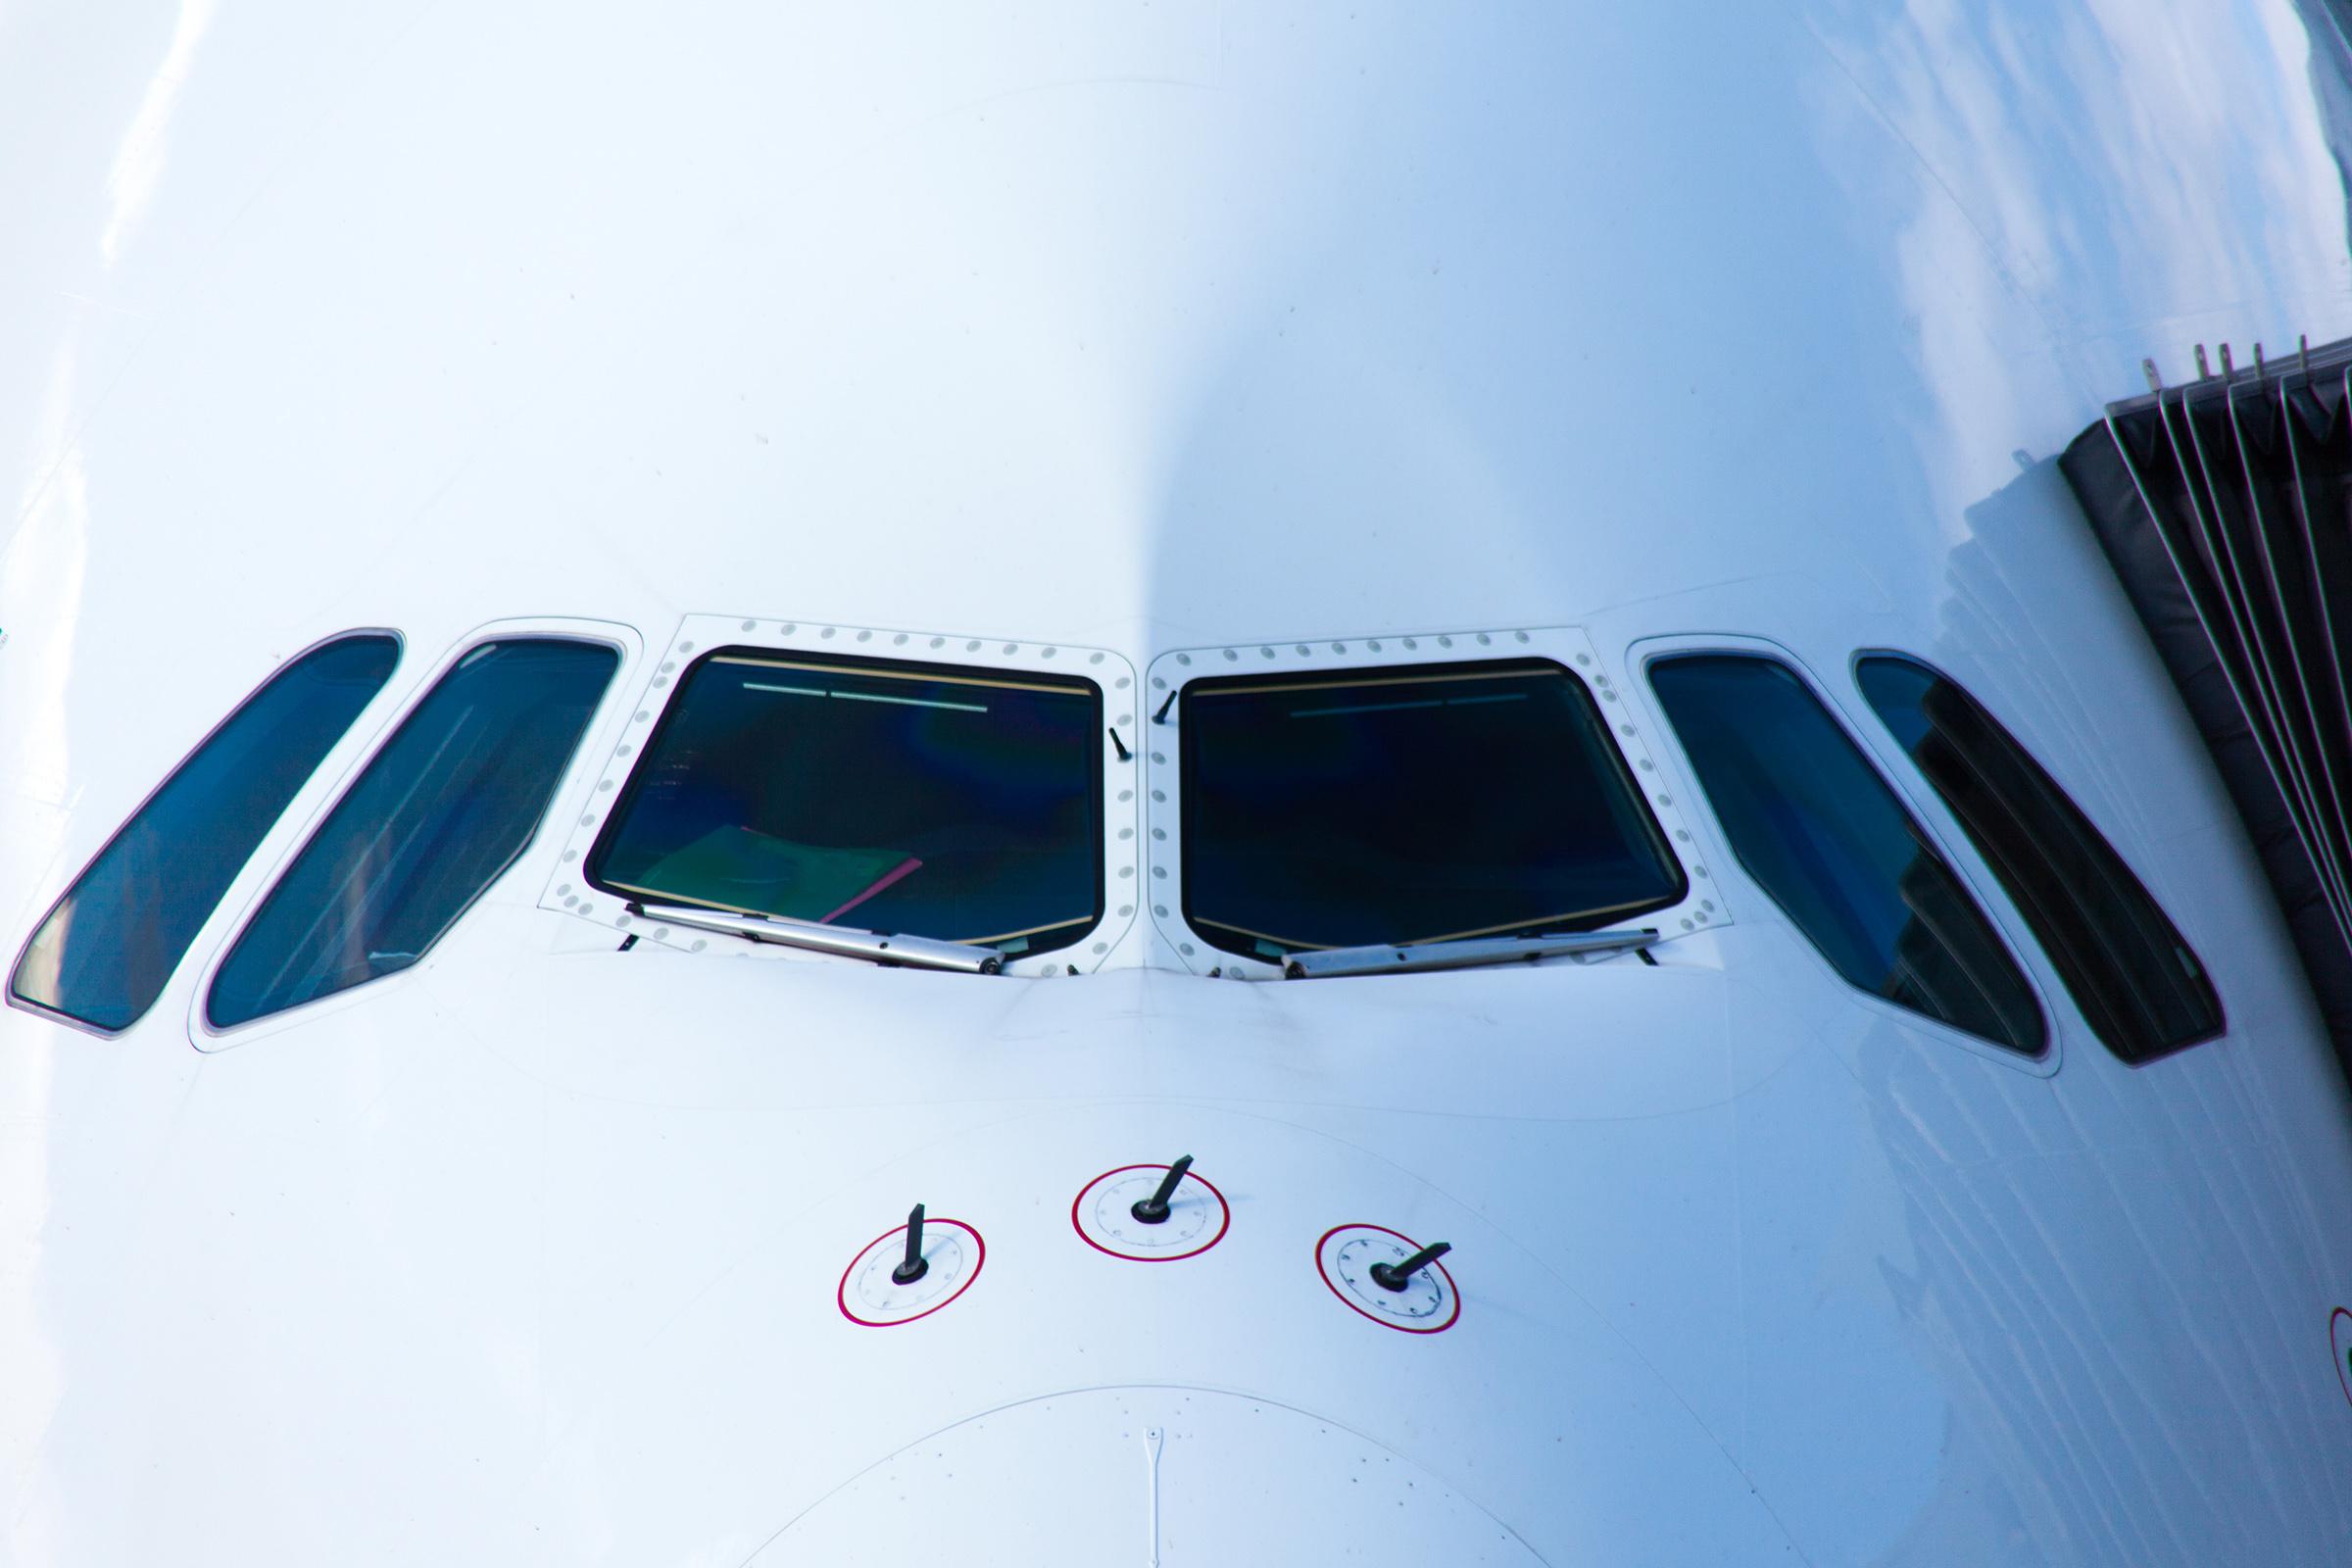 Airplane, Air, Power, Turbulence, Turbine, HQ Photo